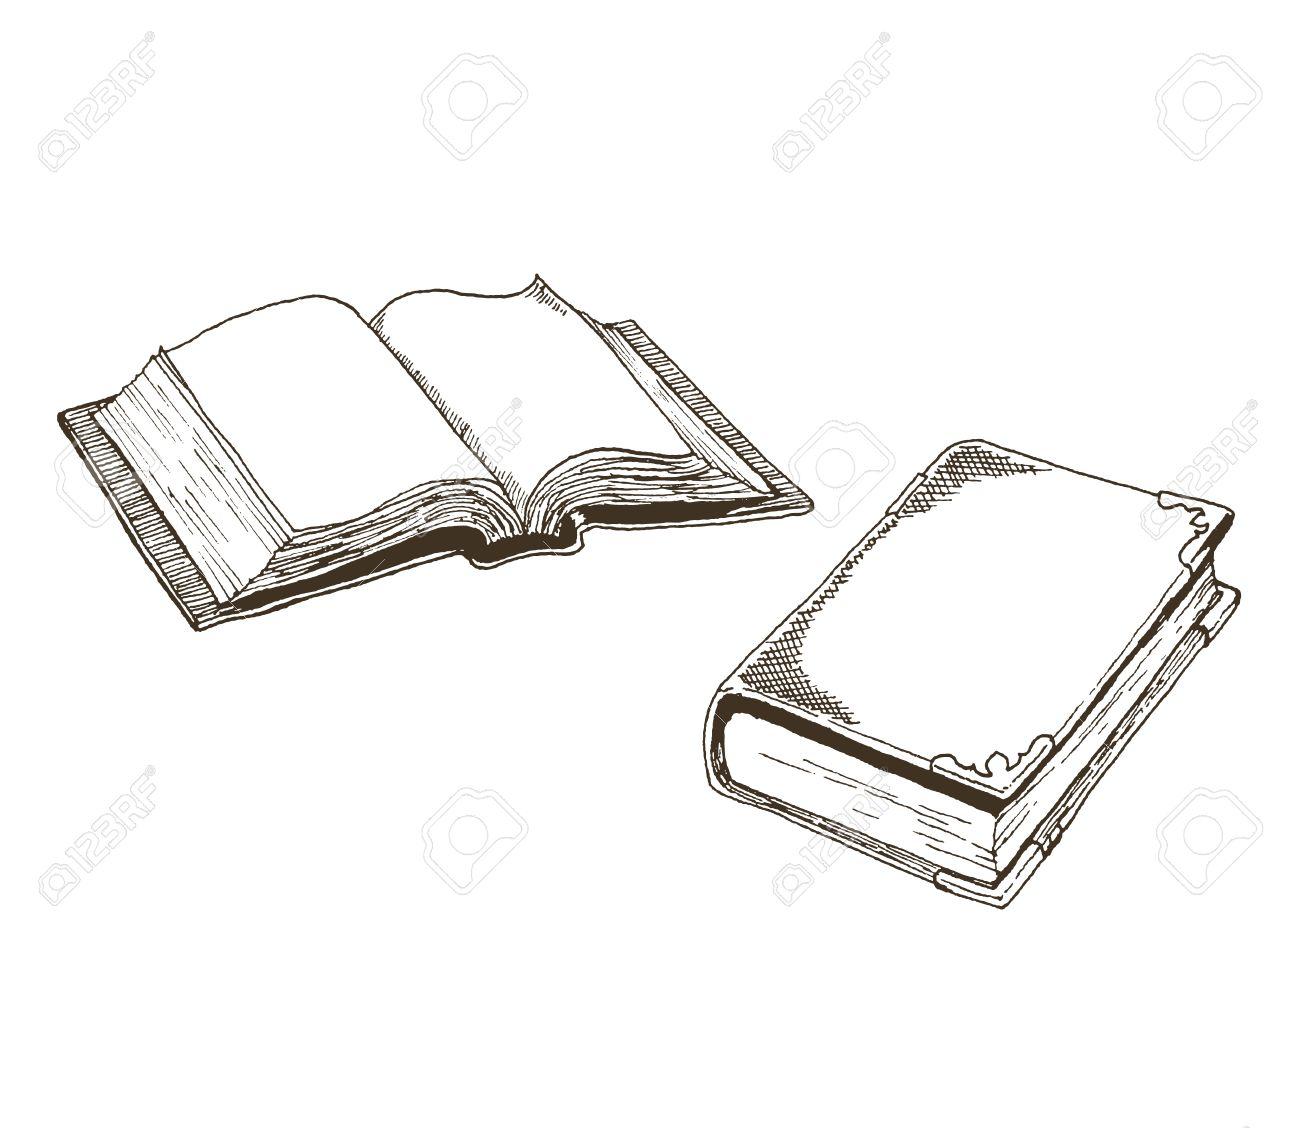 Antiques De Livres Dessins D Un Livre Ouvert Et Un Livre Vintage Ferme Fait Dans Un Style D Encre Dessinee Avec Des Hachures Et Des Hachures